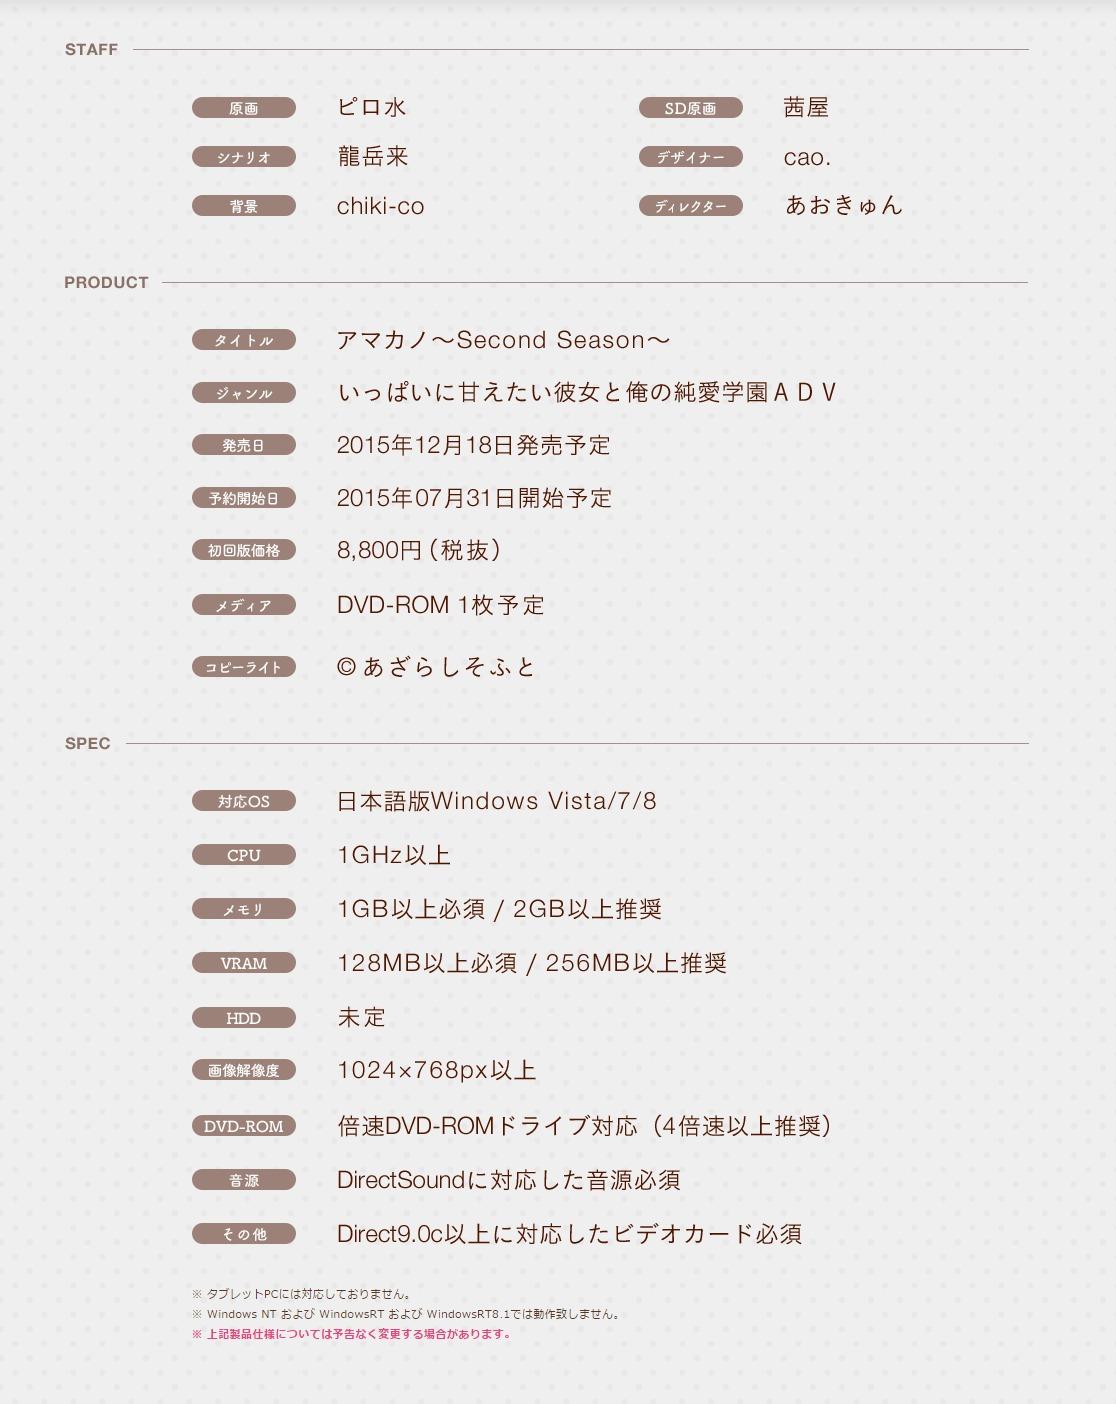 アマカノ Second Season 製品紹介(PRODUCT)